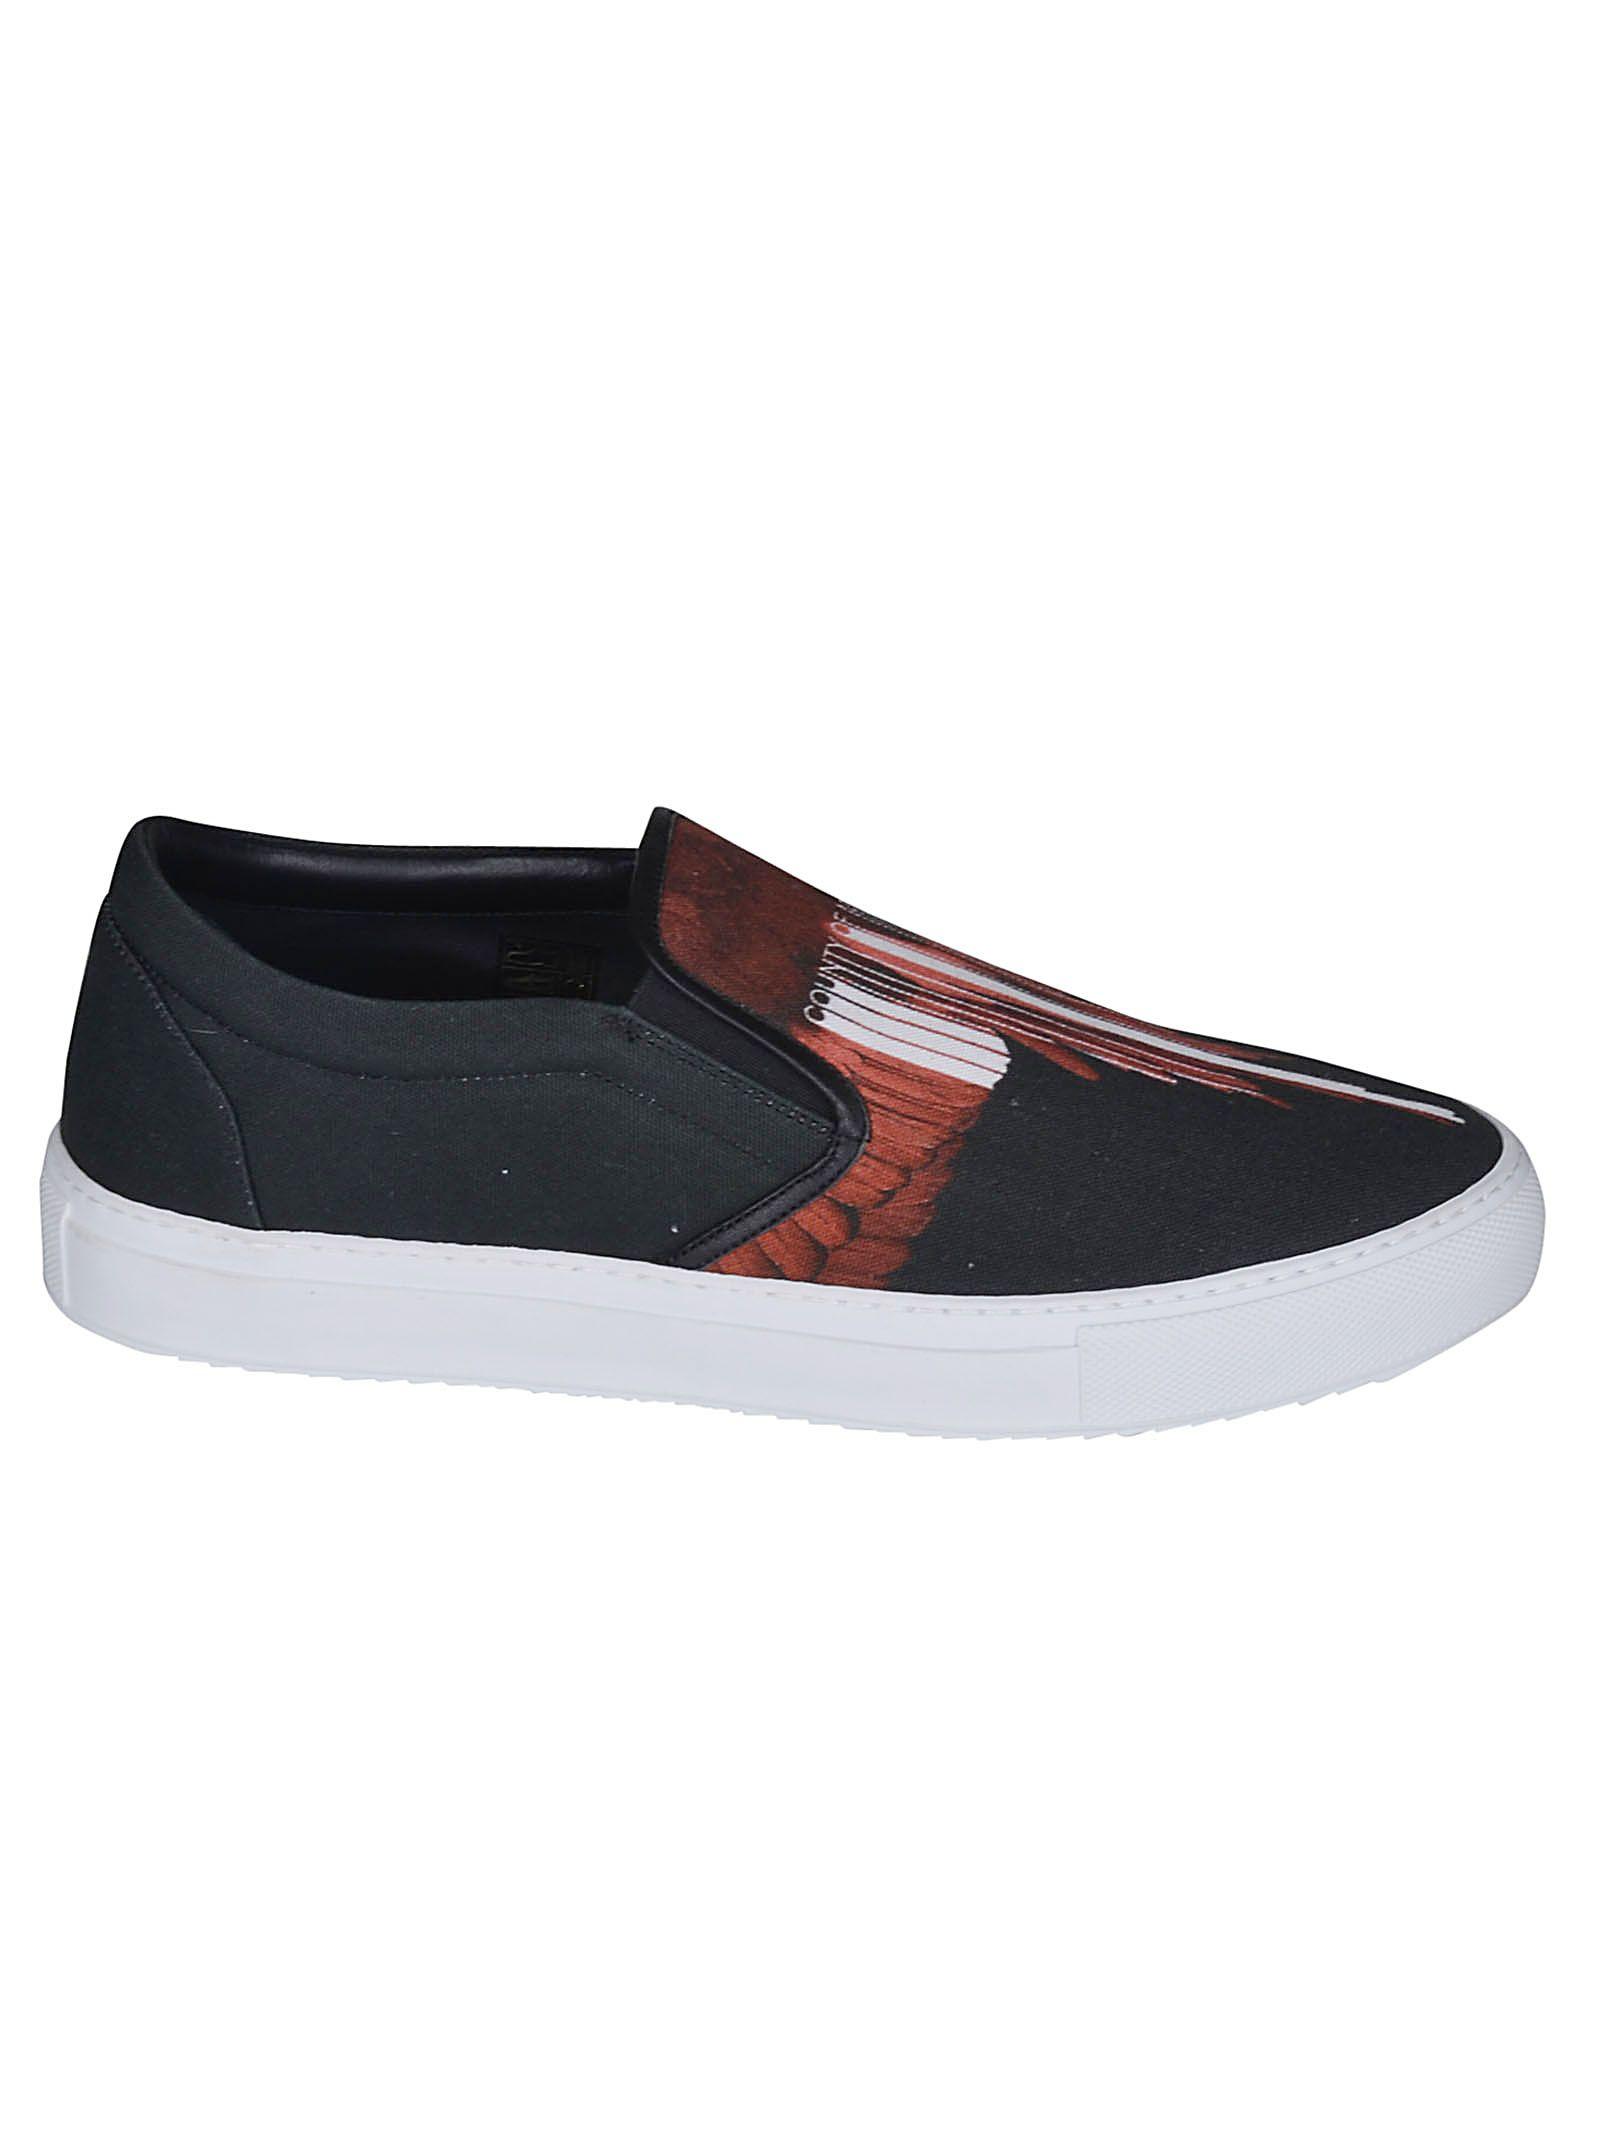 Marcelo Burlon Wings Slip-on Sneakers